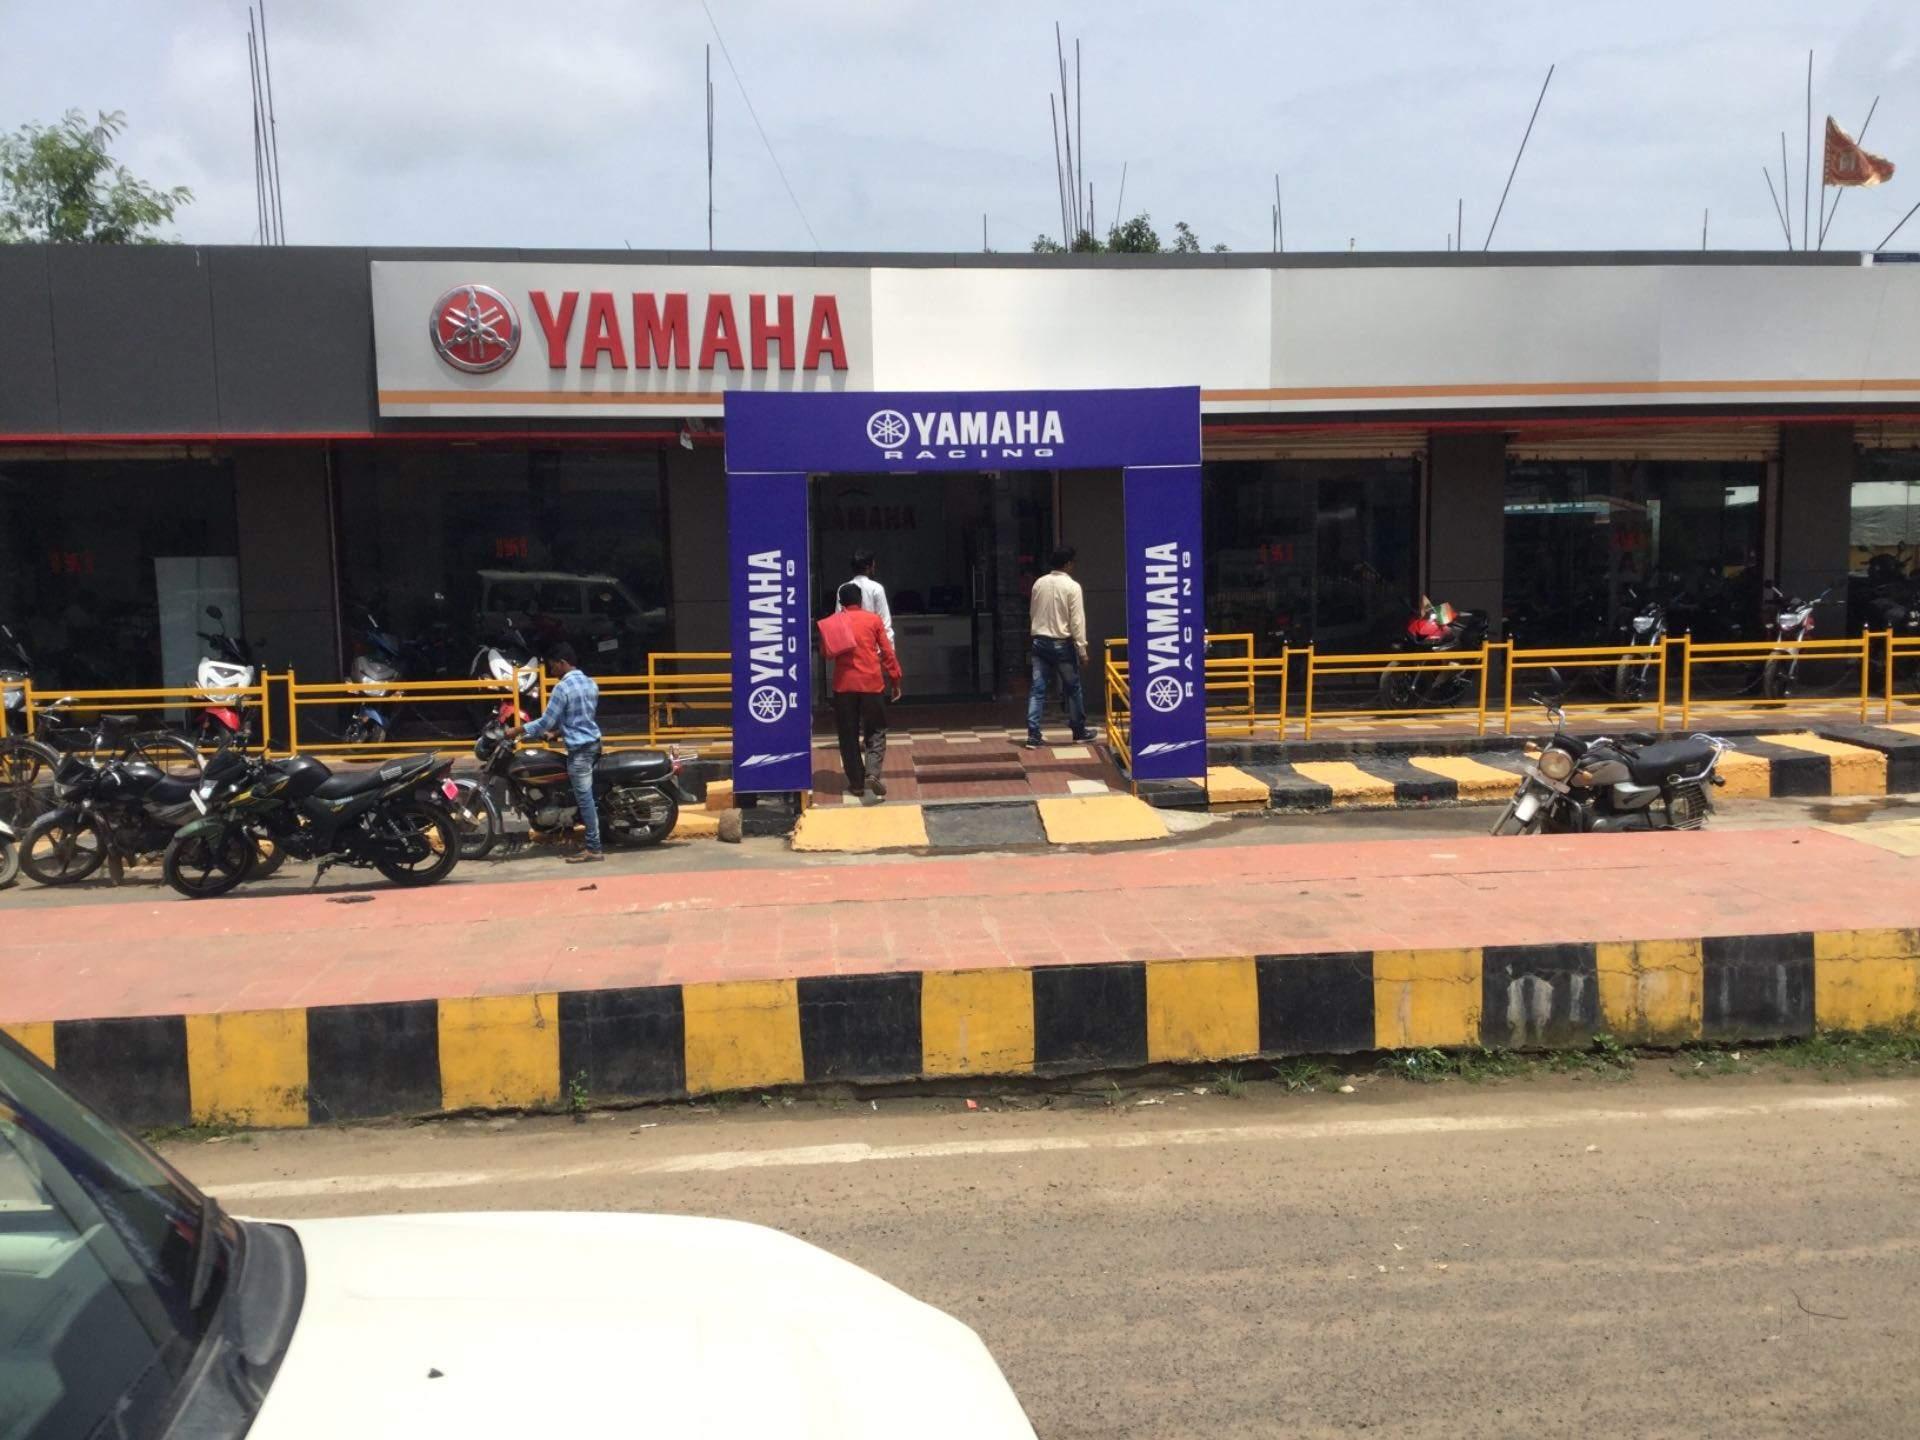 Top Yamaha Motorcycle Showrooms in Shahdol - Yamaha Bikes - Justdial